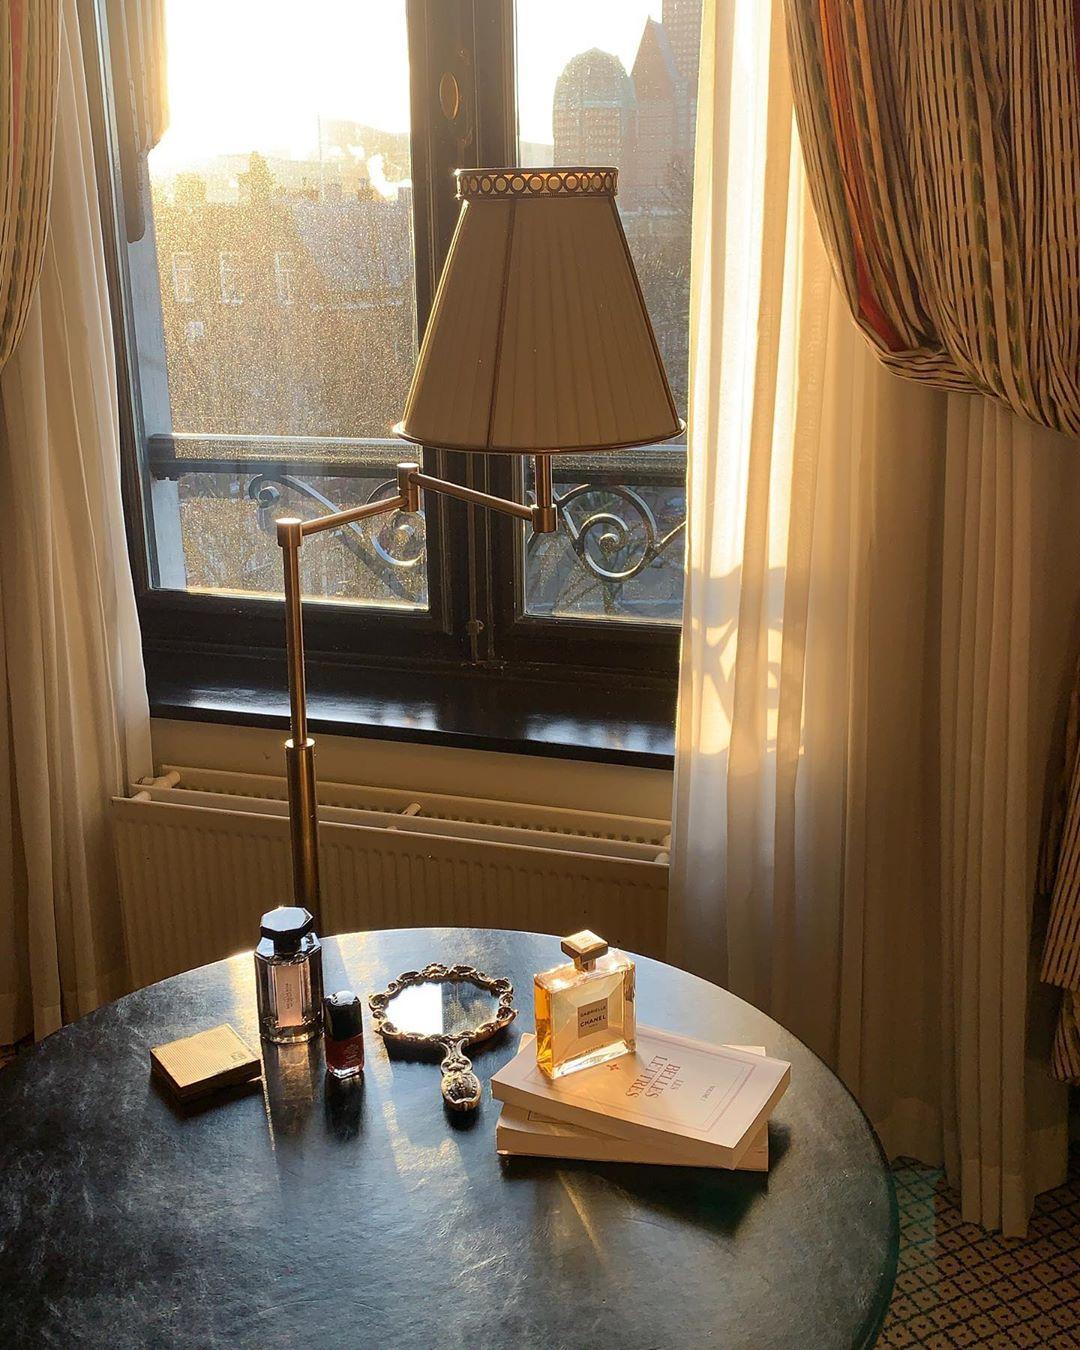 trắc nghiệm túi xách những món đồ trang điểm và sách trên bàn